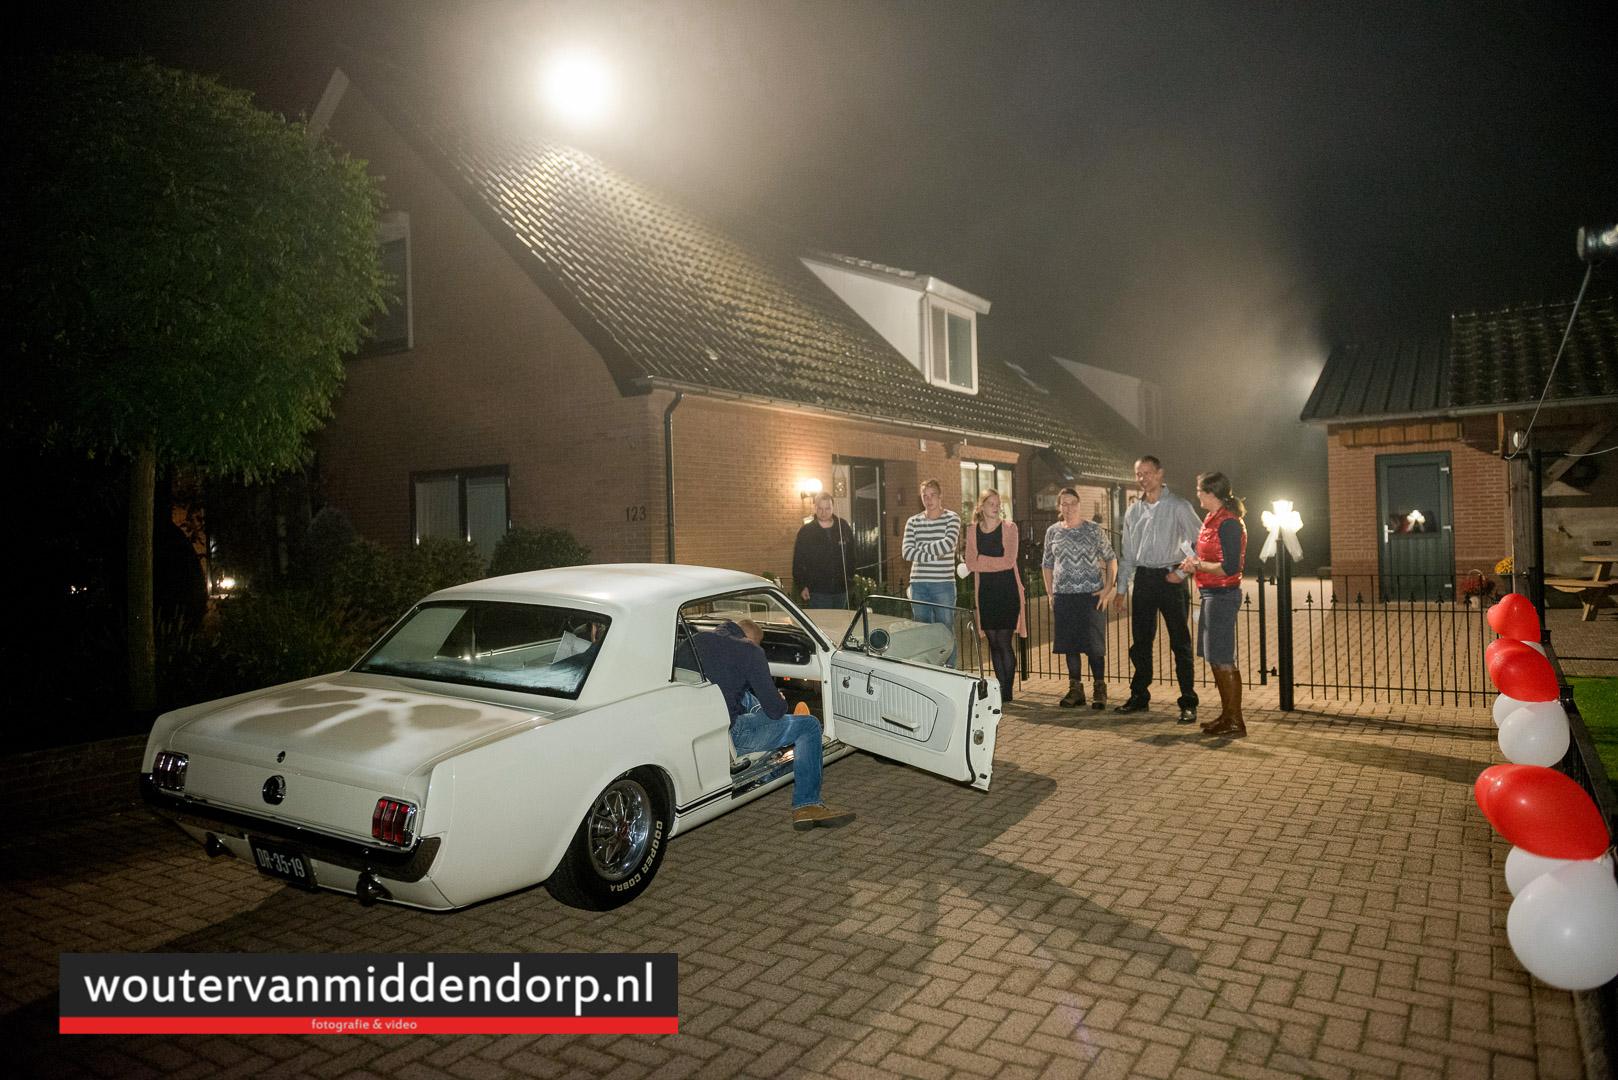 fotografie Wouter van Middendorp